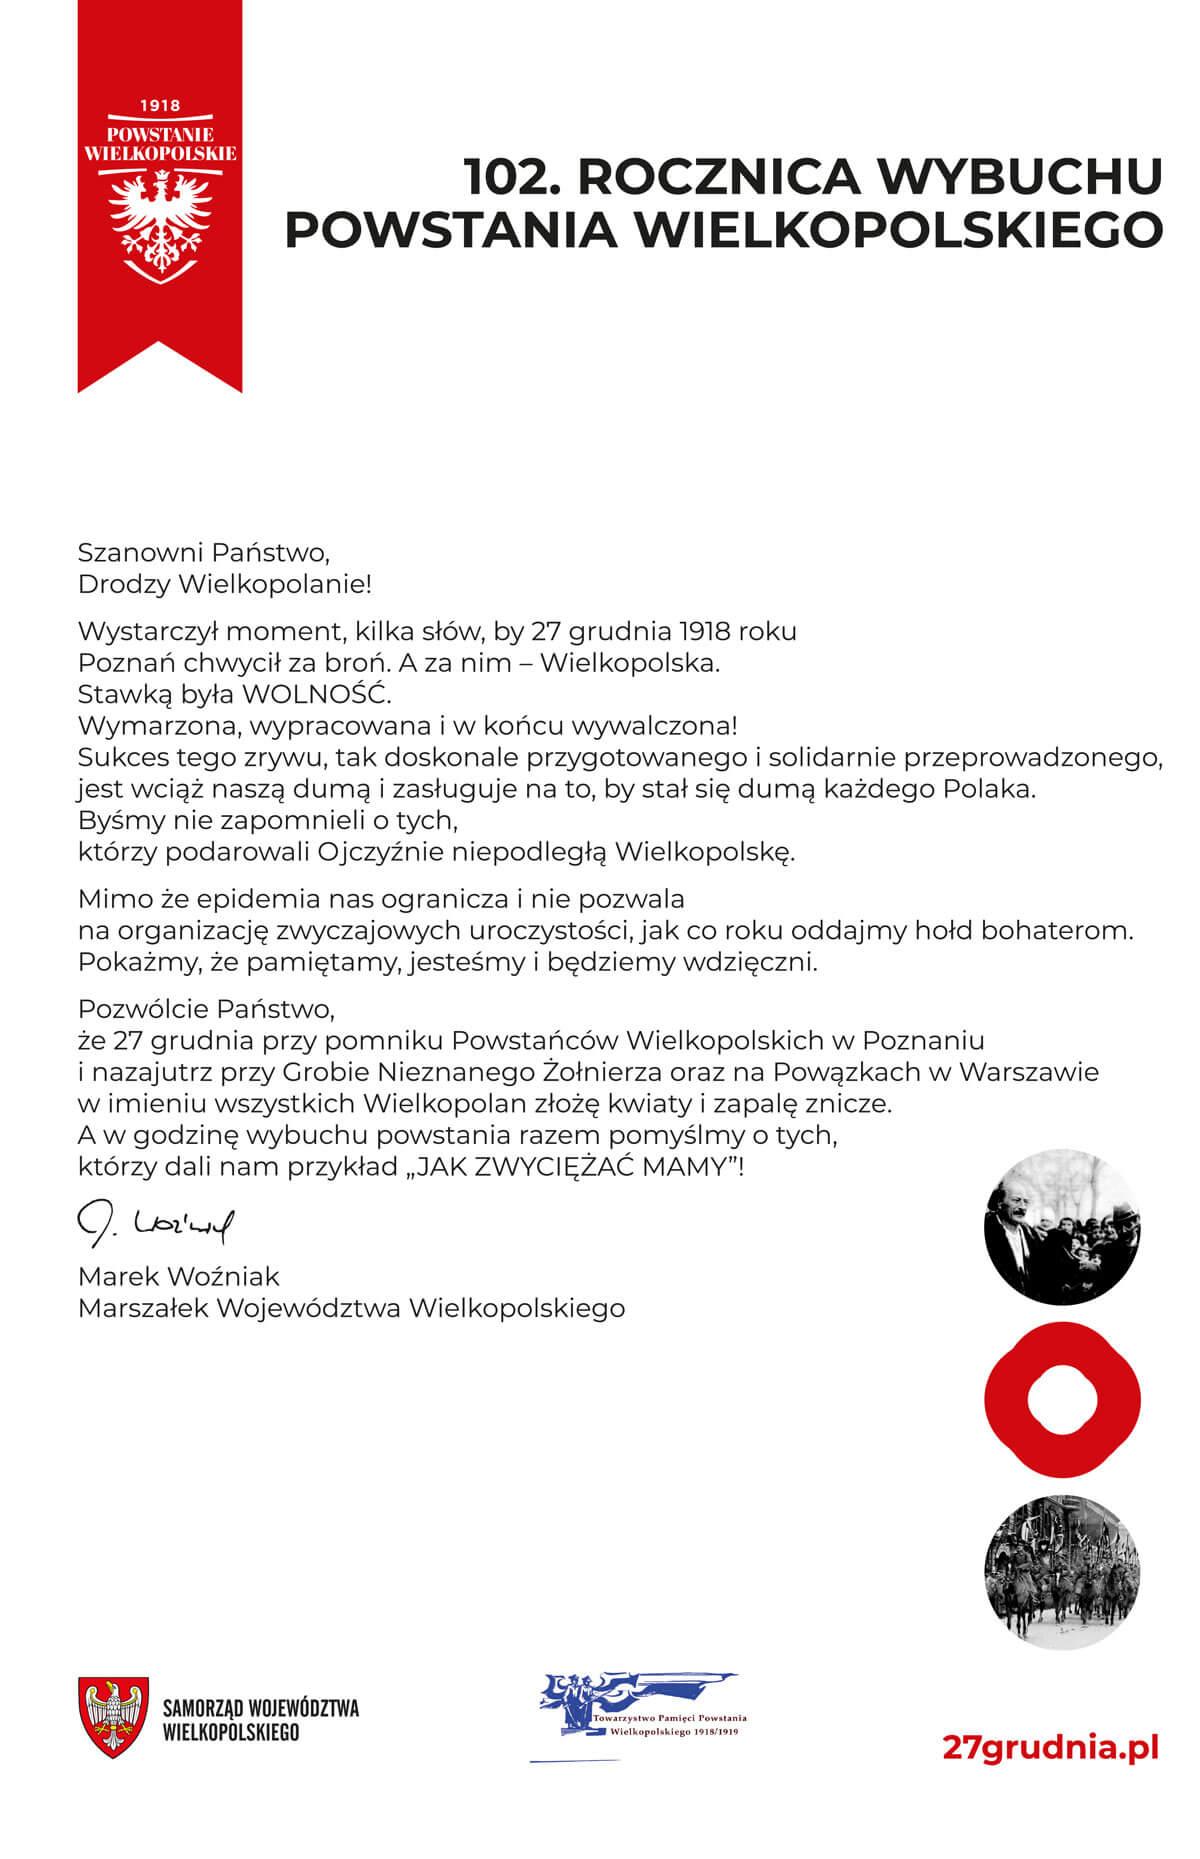 Oddajmy hołd bohaterom zwycięskiego Powstania Wielkopolskiego 1918/1919